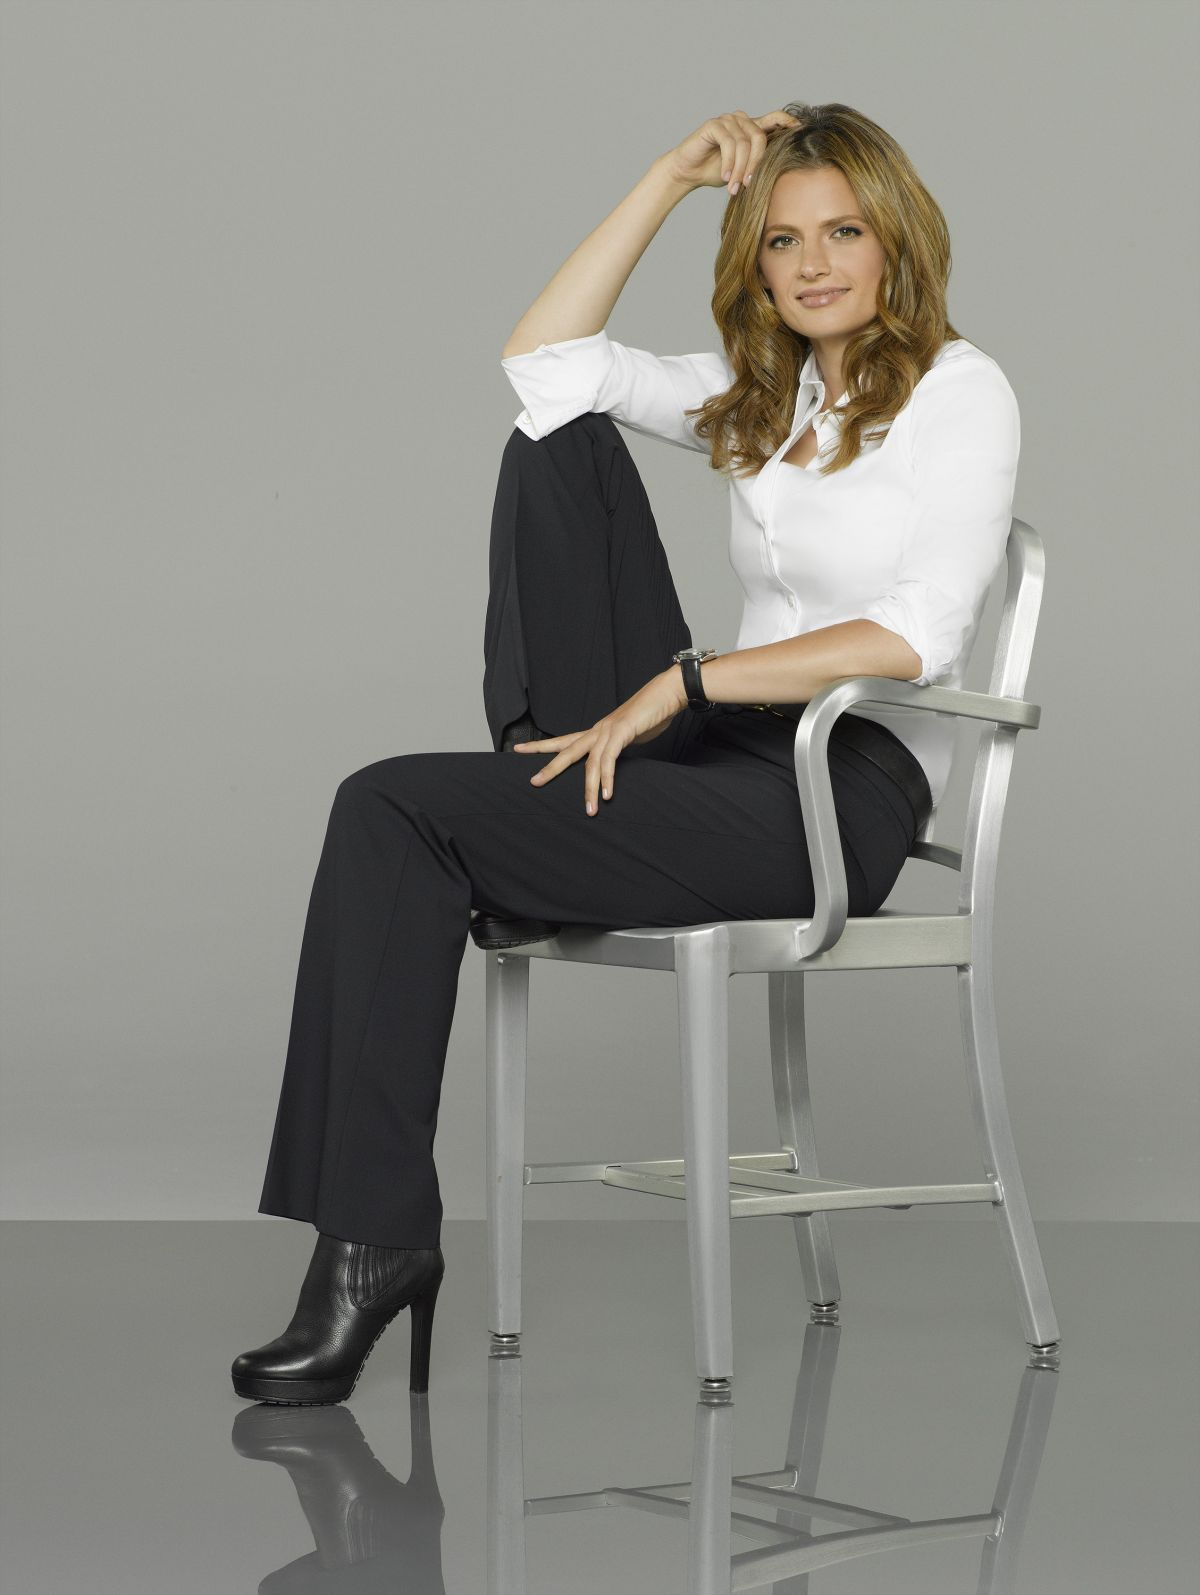 GMMR TV Awards: Favorite Actress (Drama)